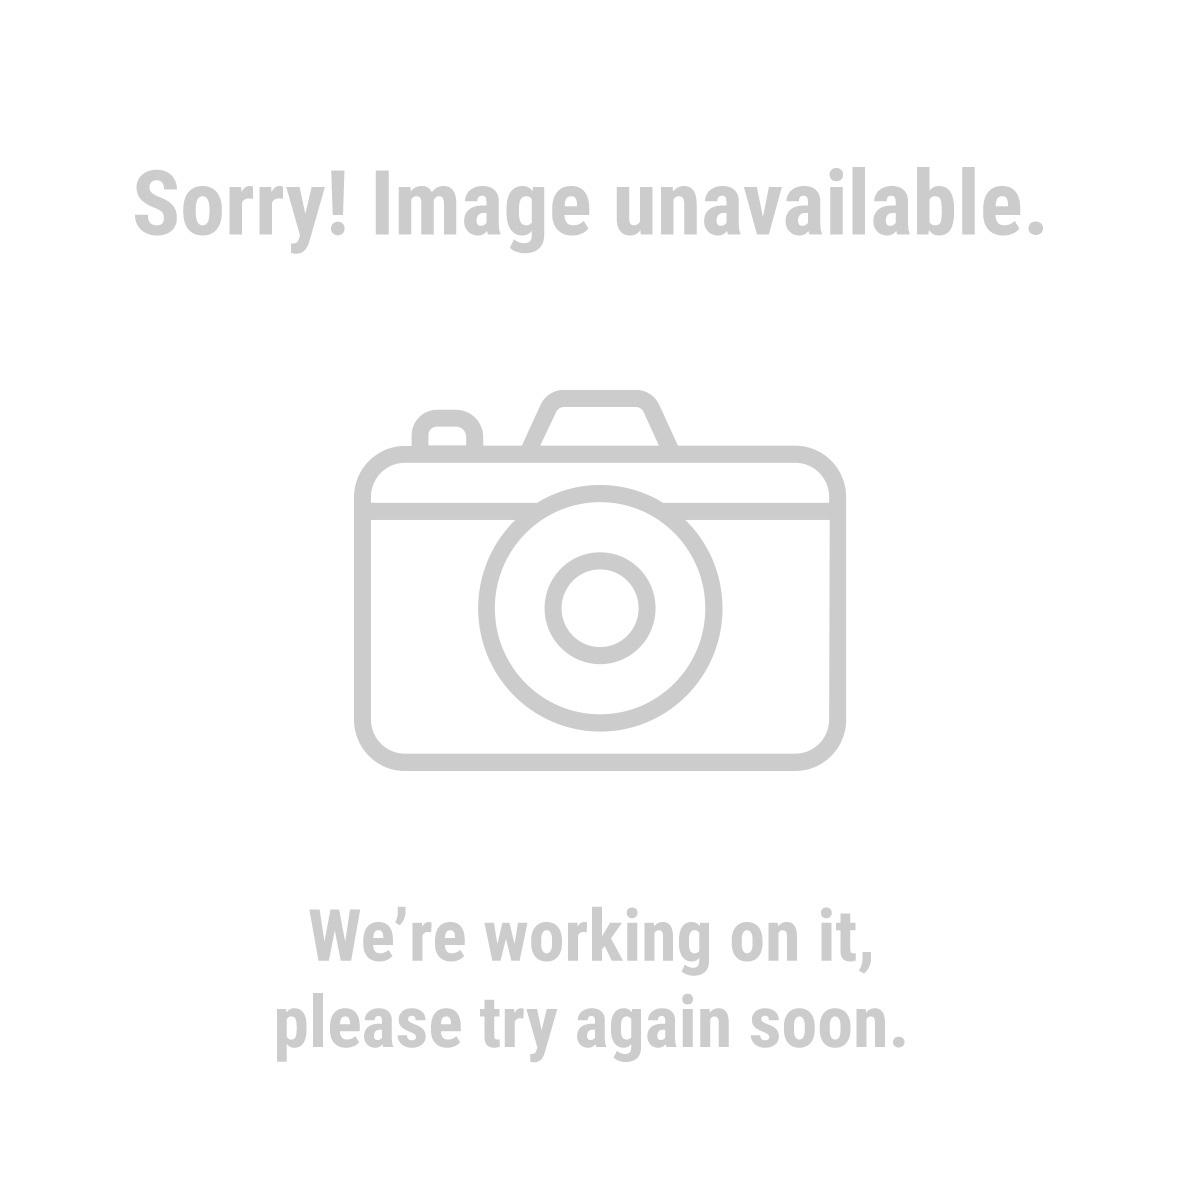 StikTek™ 63245 60 Yd. x 1.88 in. General Purpose Masking Tape